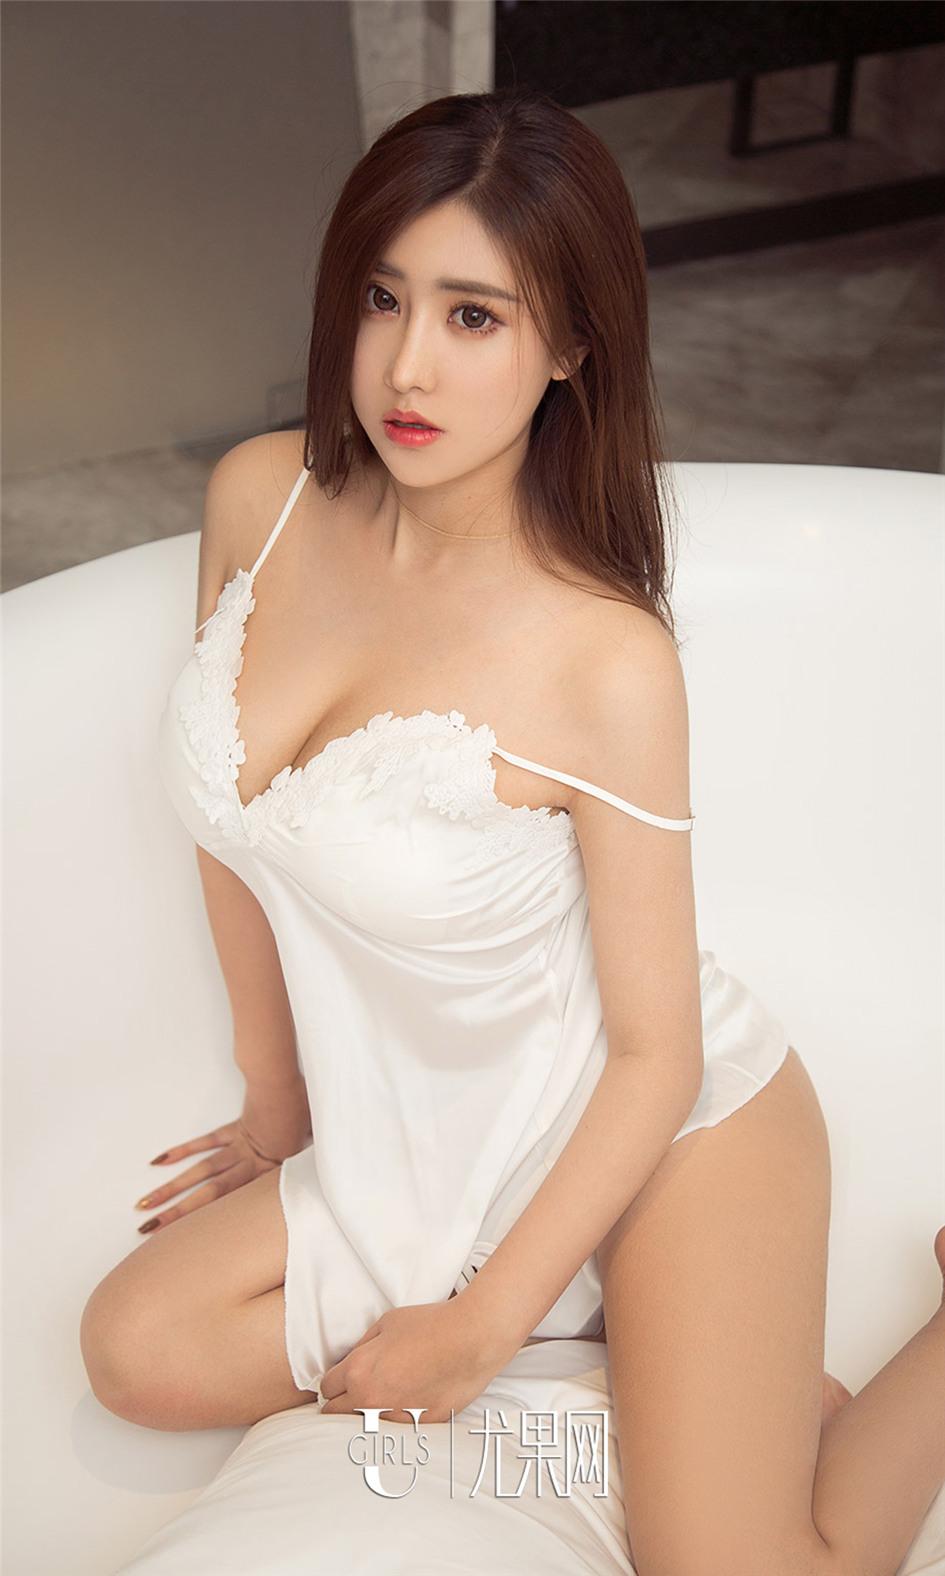 [尤果网] 90大胸美女陈美熙吊带黑丝写真 第914期